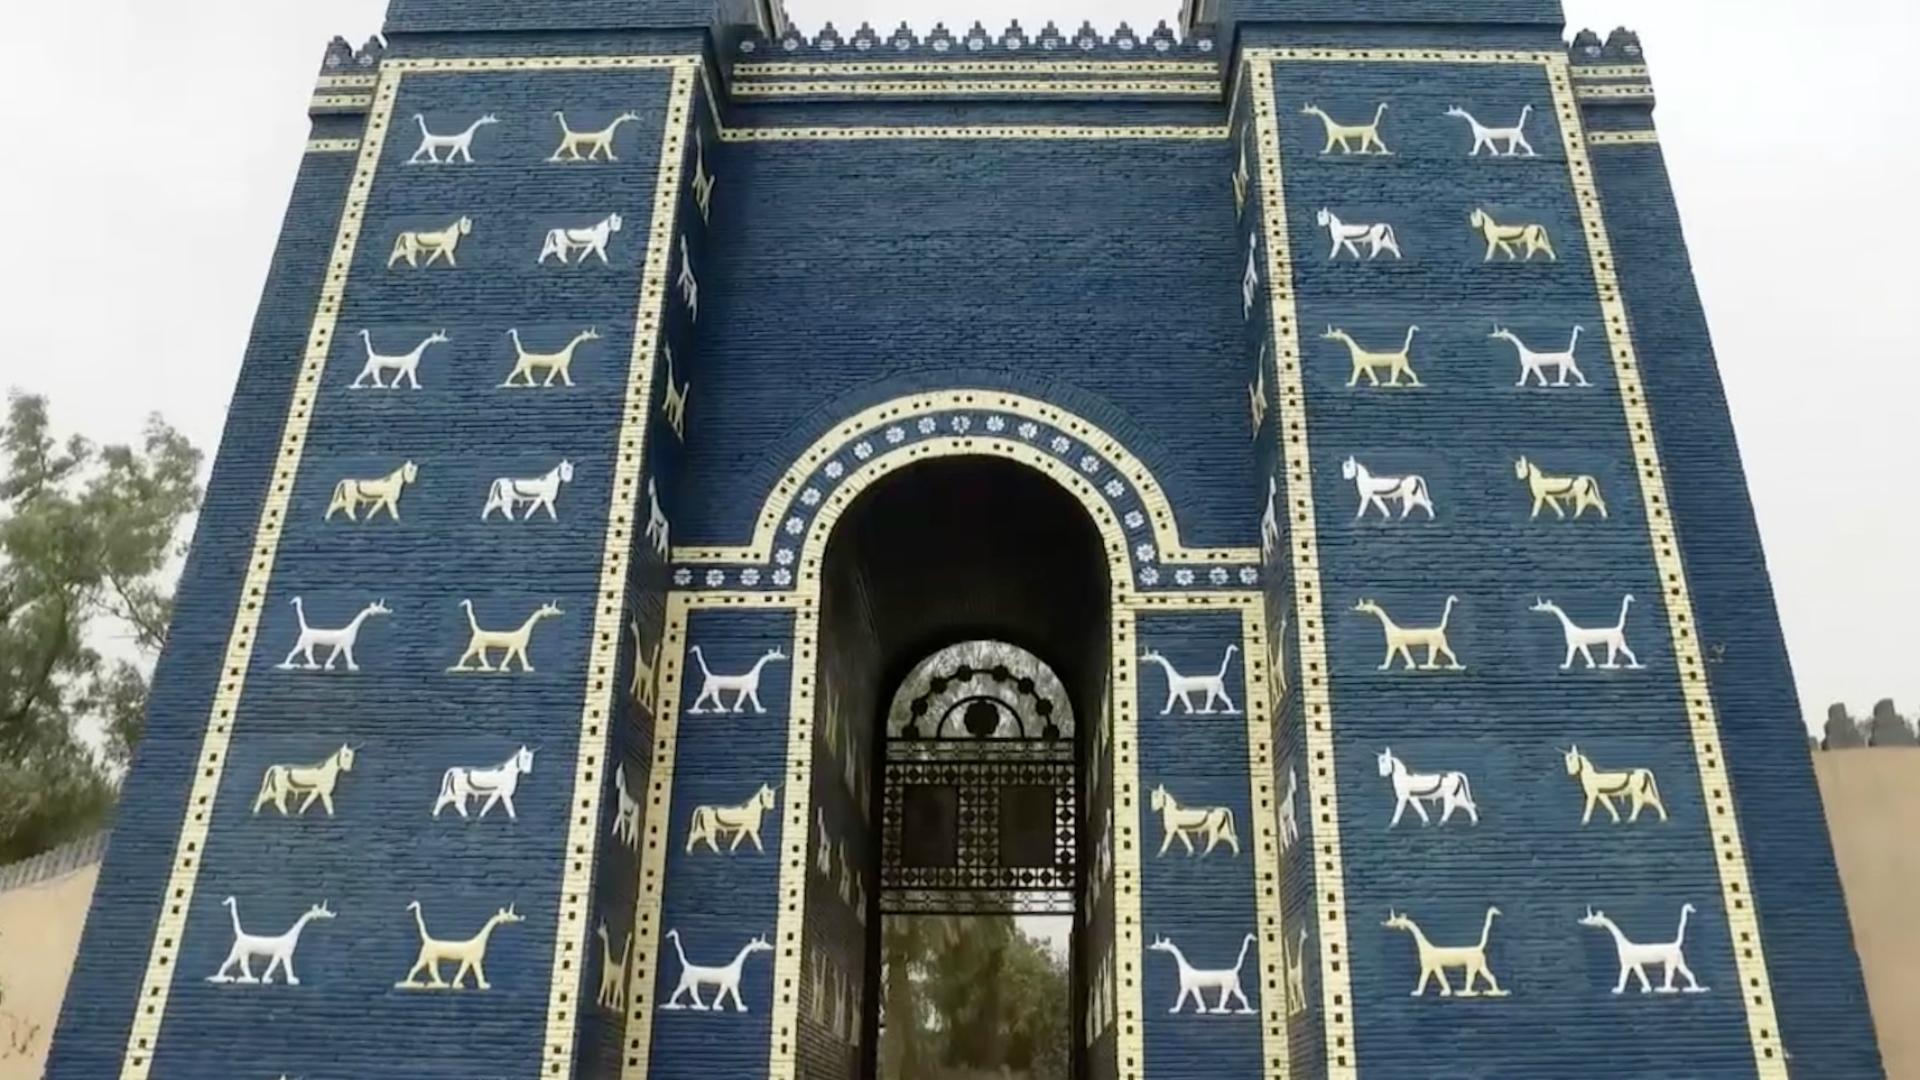 اليونسكو تدرس ضم آثار بابل إلى قائمة التراث العالمي